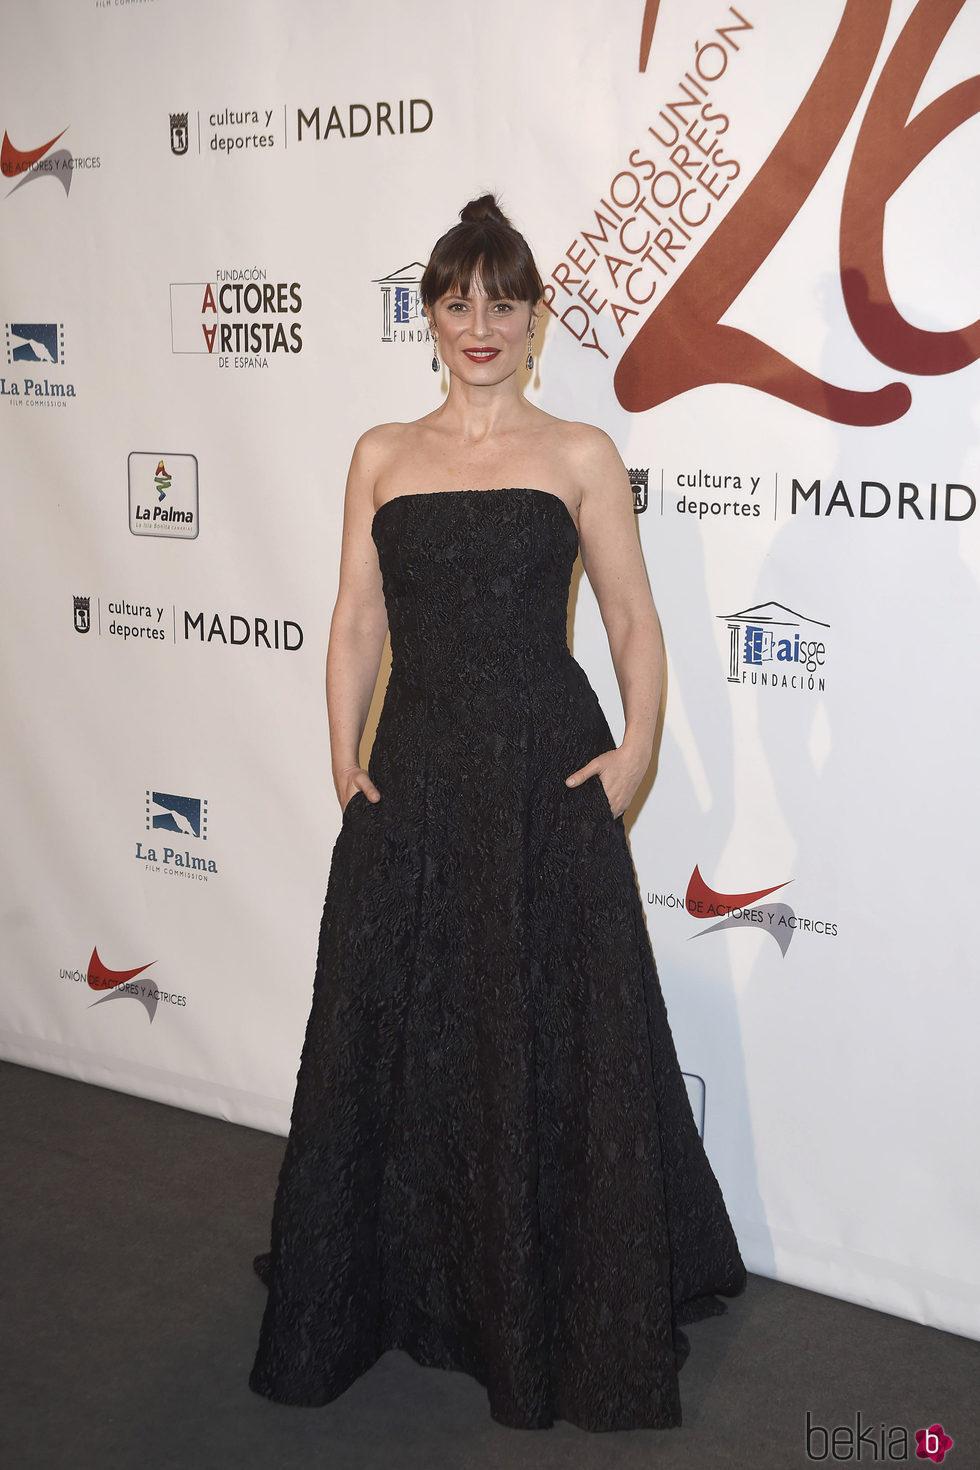 Aitana Sánchez Gijón en la red carpet de la XXVI edición de los Premios de la Unión de Actores